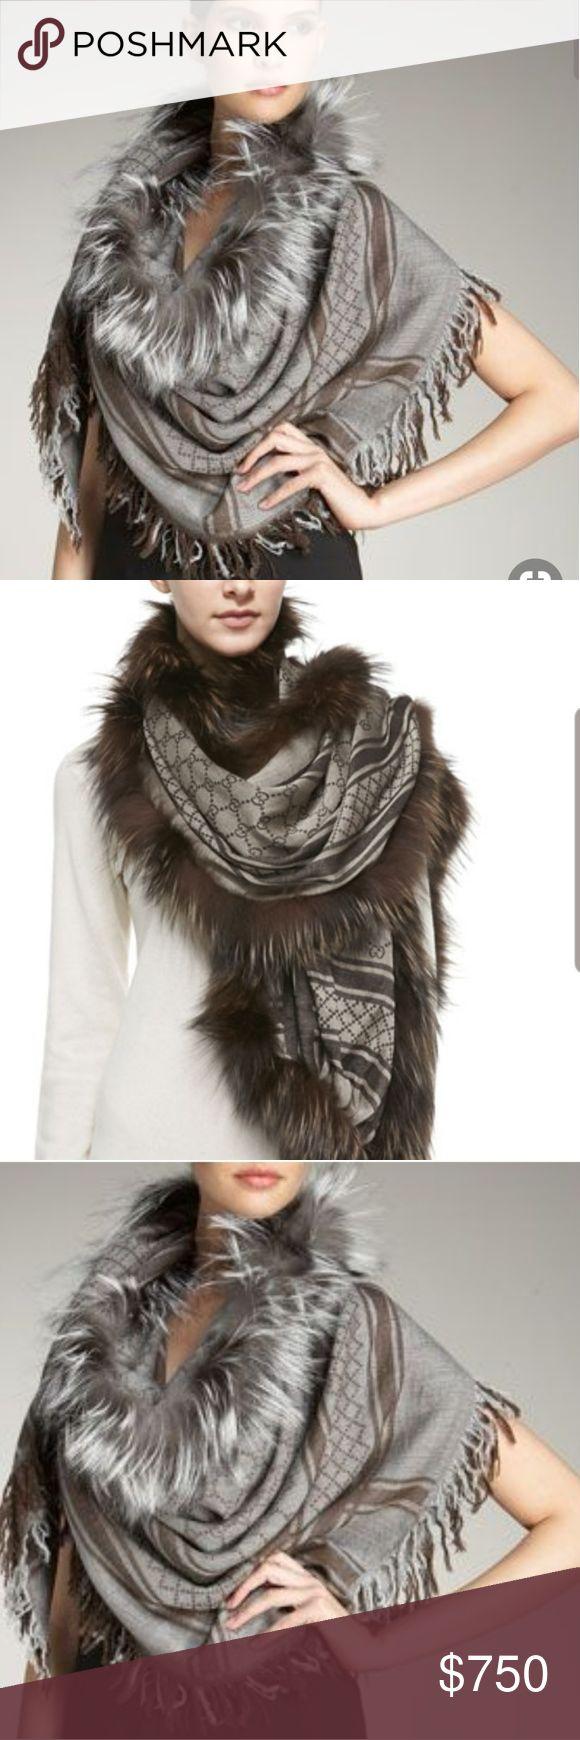 Gucci Survie Fox Fur Guccissima Cashmere Shawl Guc…